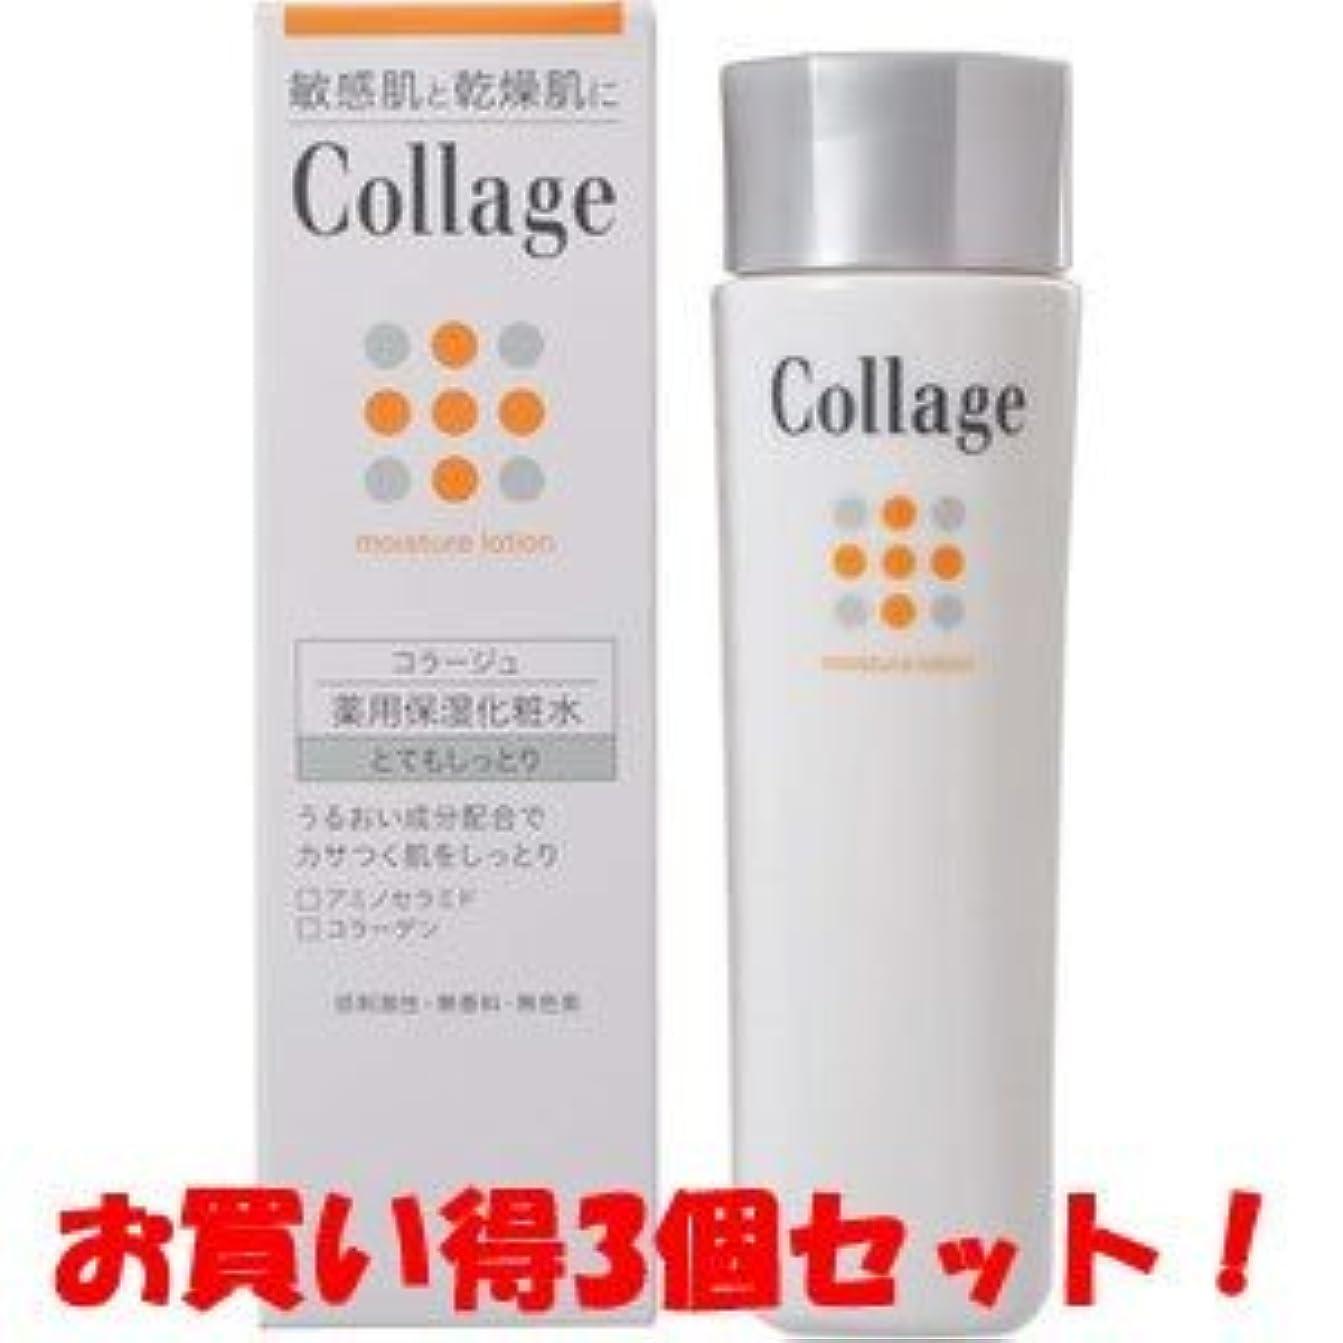 権限砂みすぼらしい(持田ヘルスケア)コラージュ 薬用保湿化粧水 とてもしっとり 120ml(医薬部外品)(お買い得3個セット)